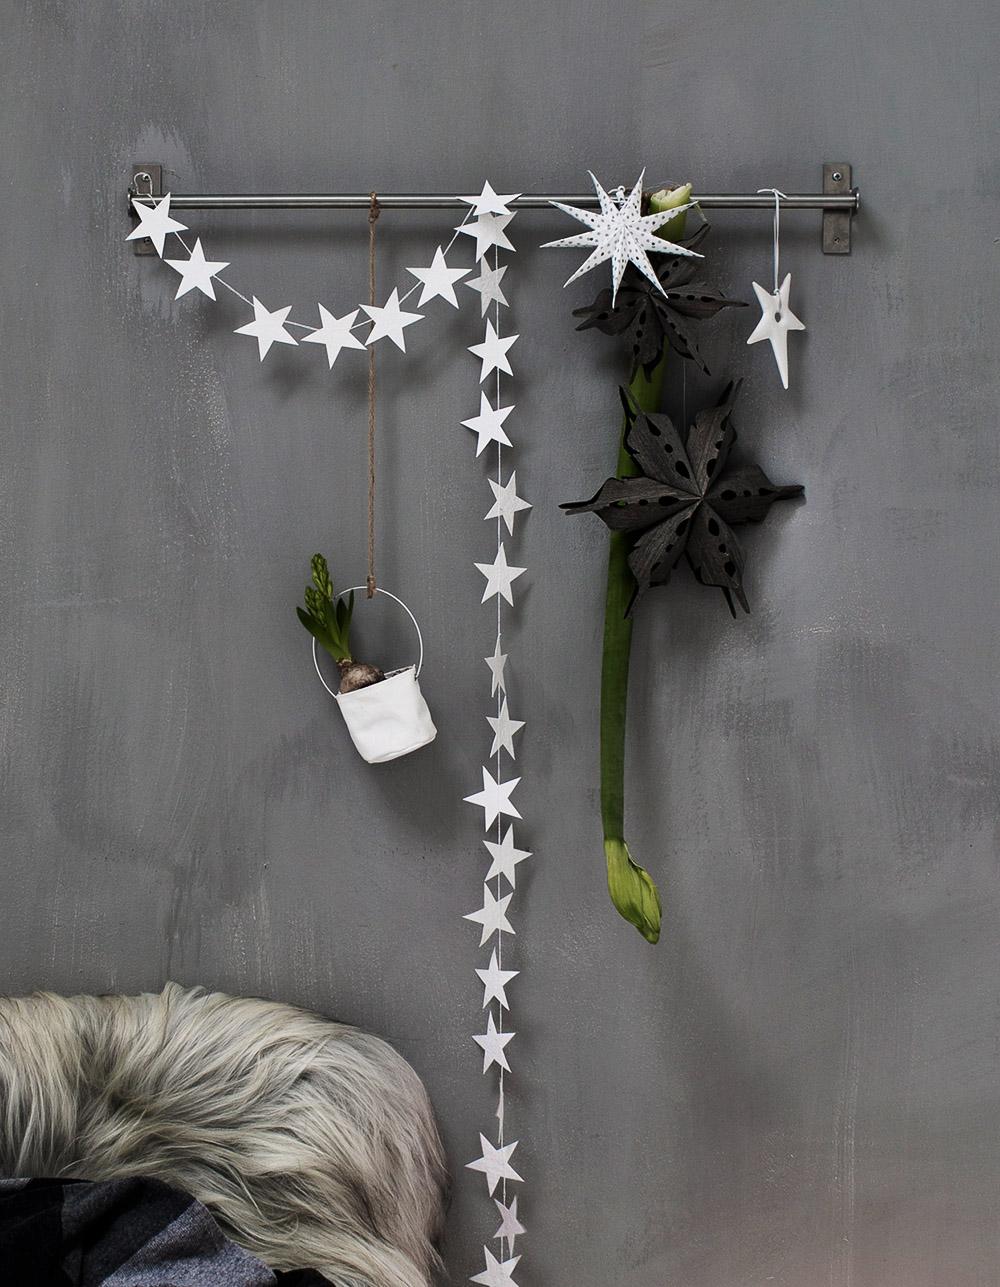 Veckans stilleben _ jul på väggen 4